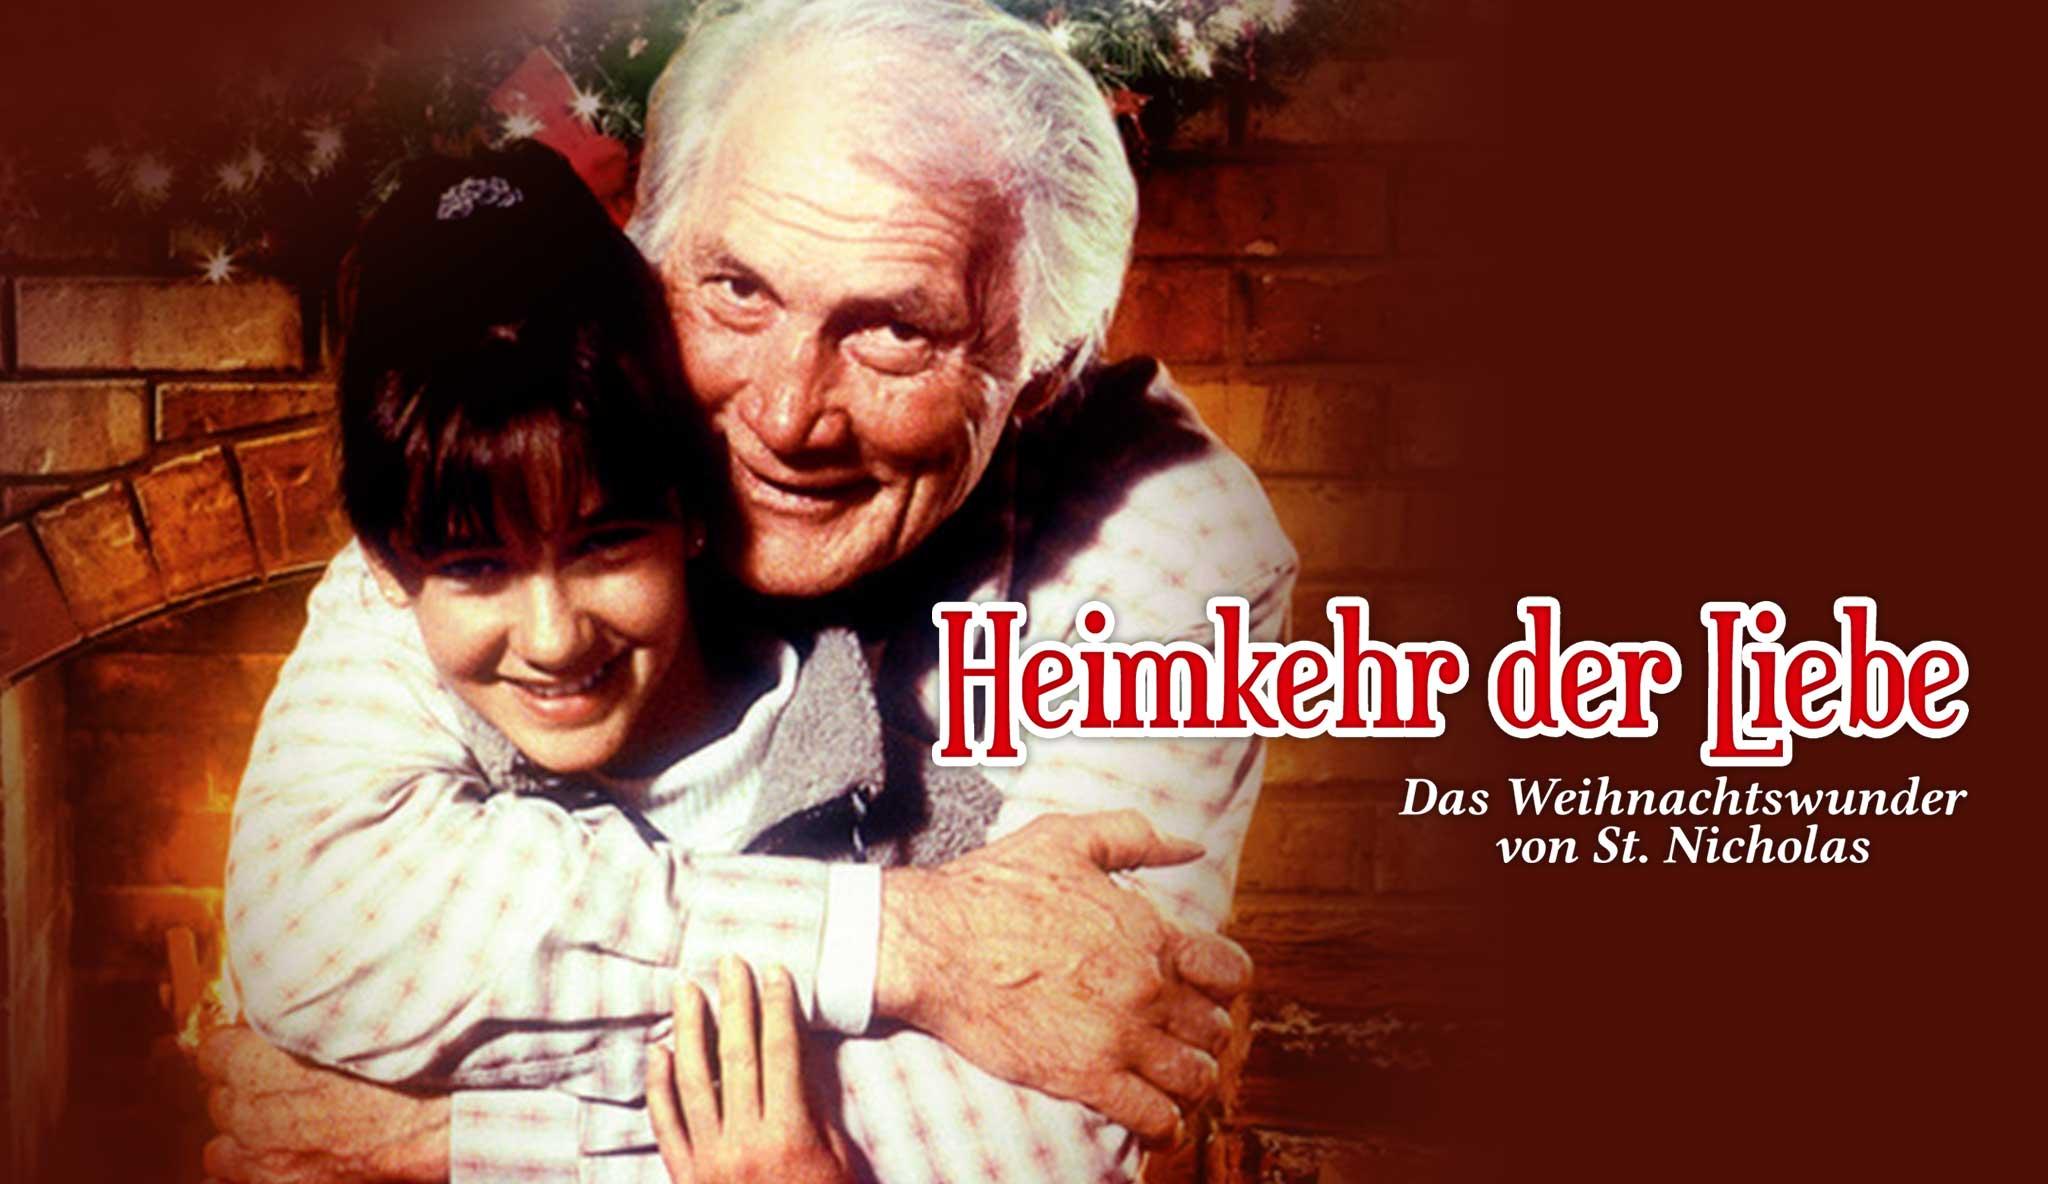 heimkehr-der-liebe-das-weihnachtswunder-von-st-nicholas\header.jpg